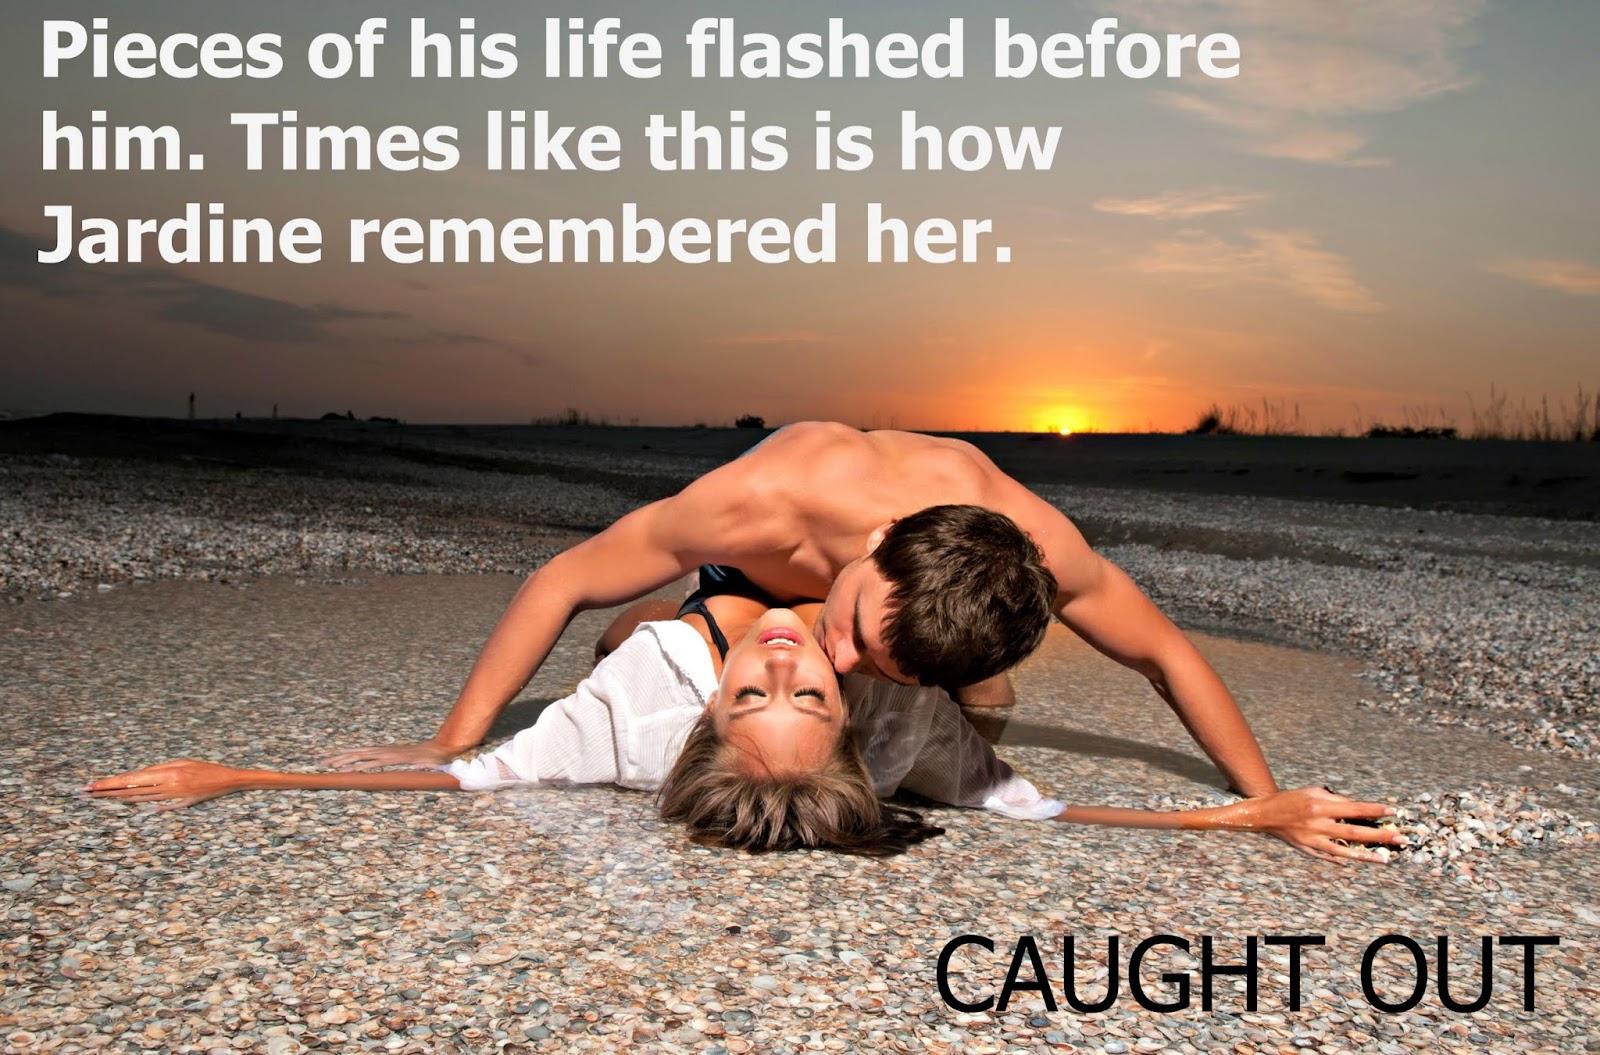 Рассказы секс втроём на пляже, Свингеры рассказы -историй. Читать порно онлайн 19 фотография